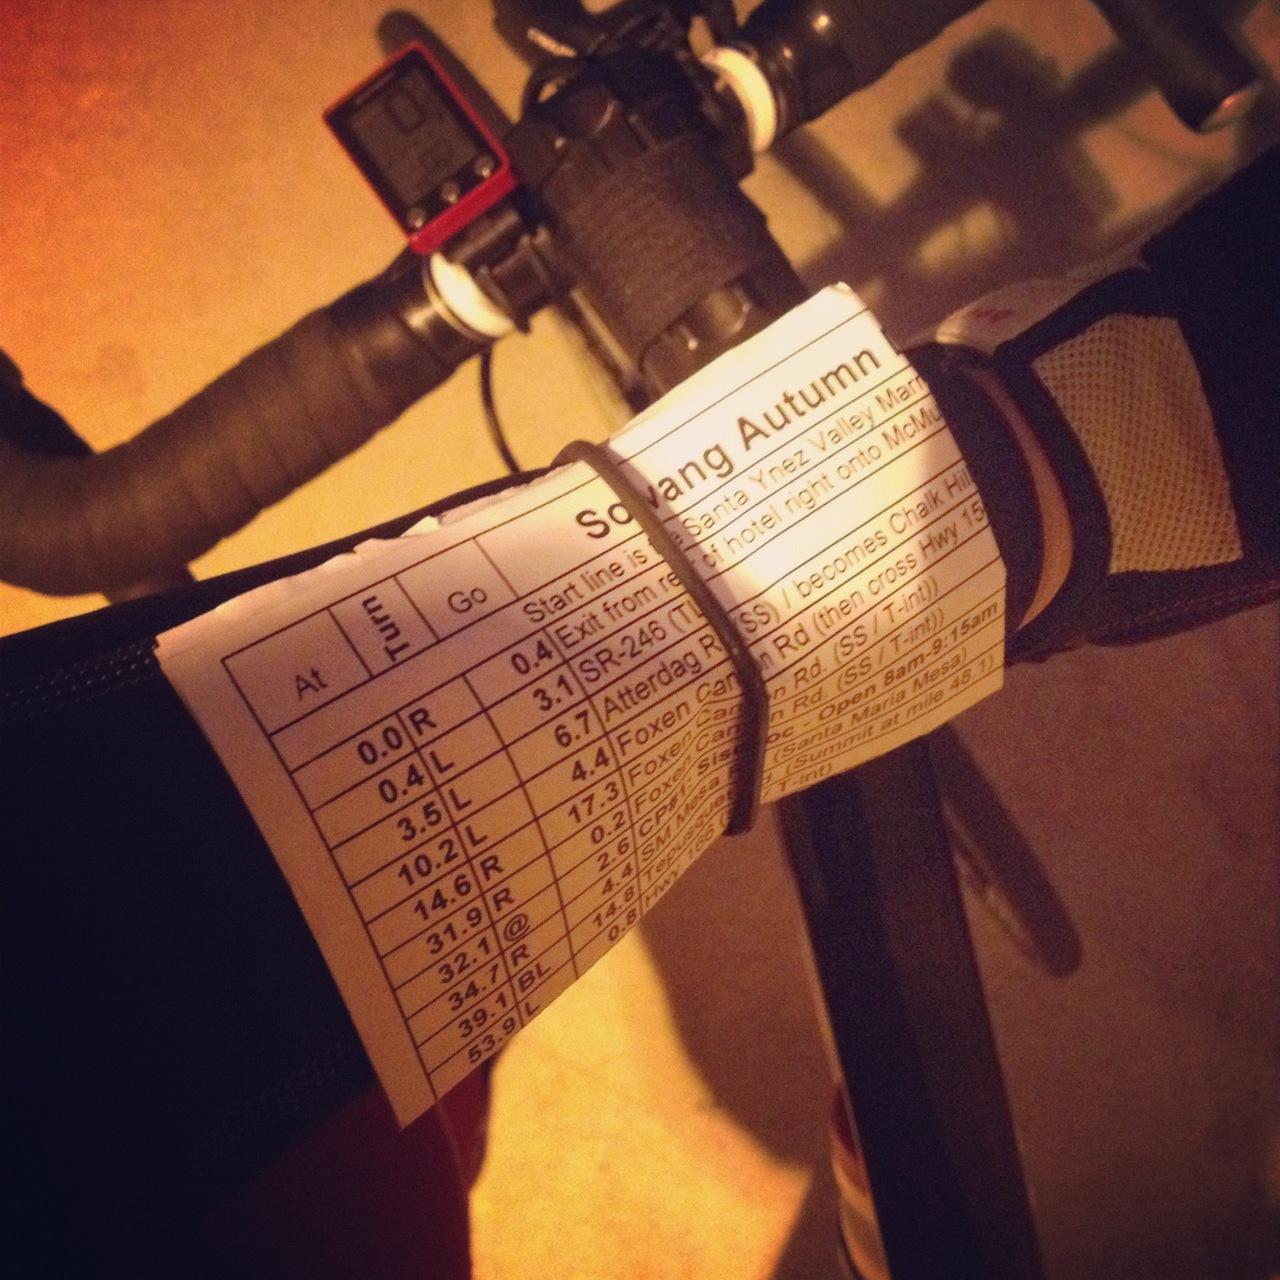 Pro-level cue-sheet mount